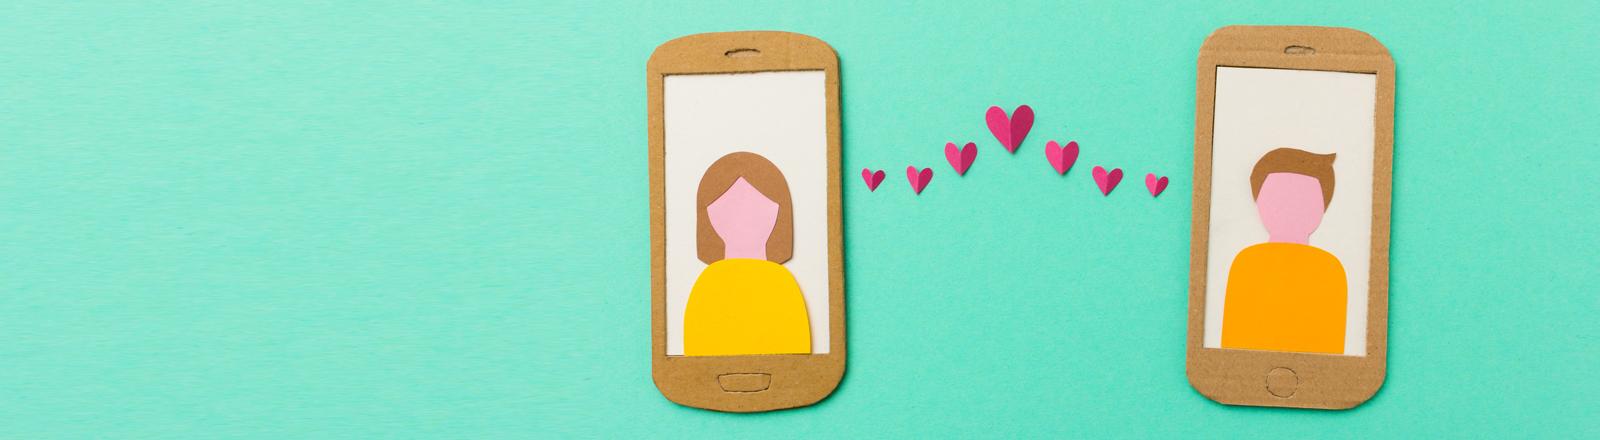 Grafik: Mann und Frau auf zwei Smartphone-Screens, dazwischen Herzen